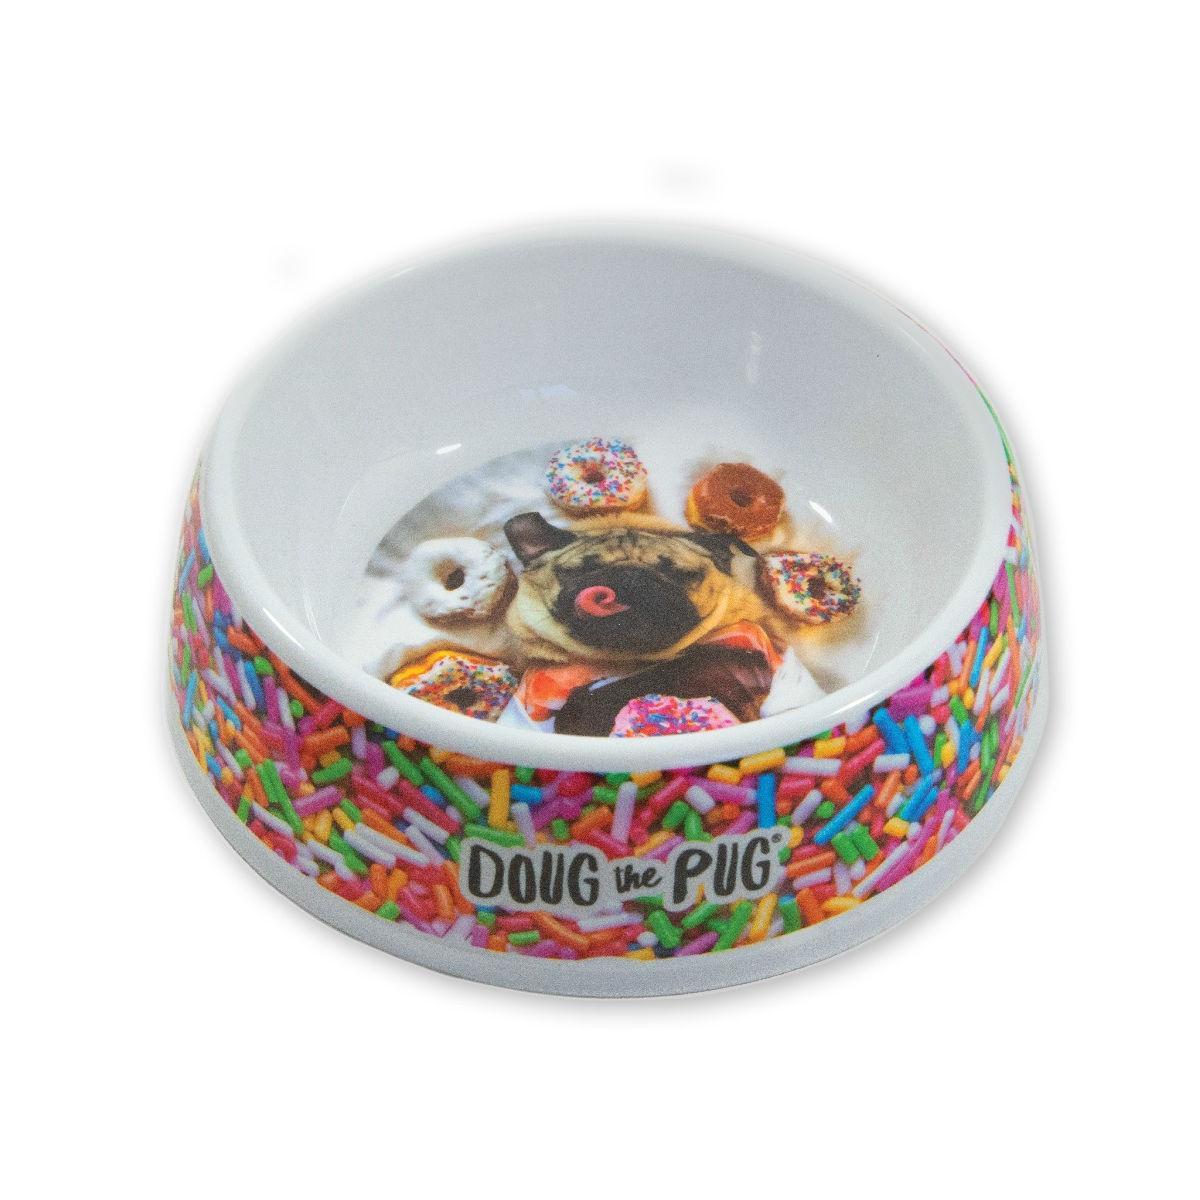 Doug the Pug Incredibowl Sprinkles Dog Bowl